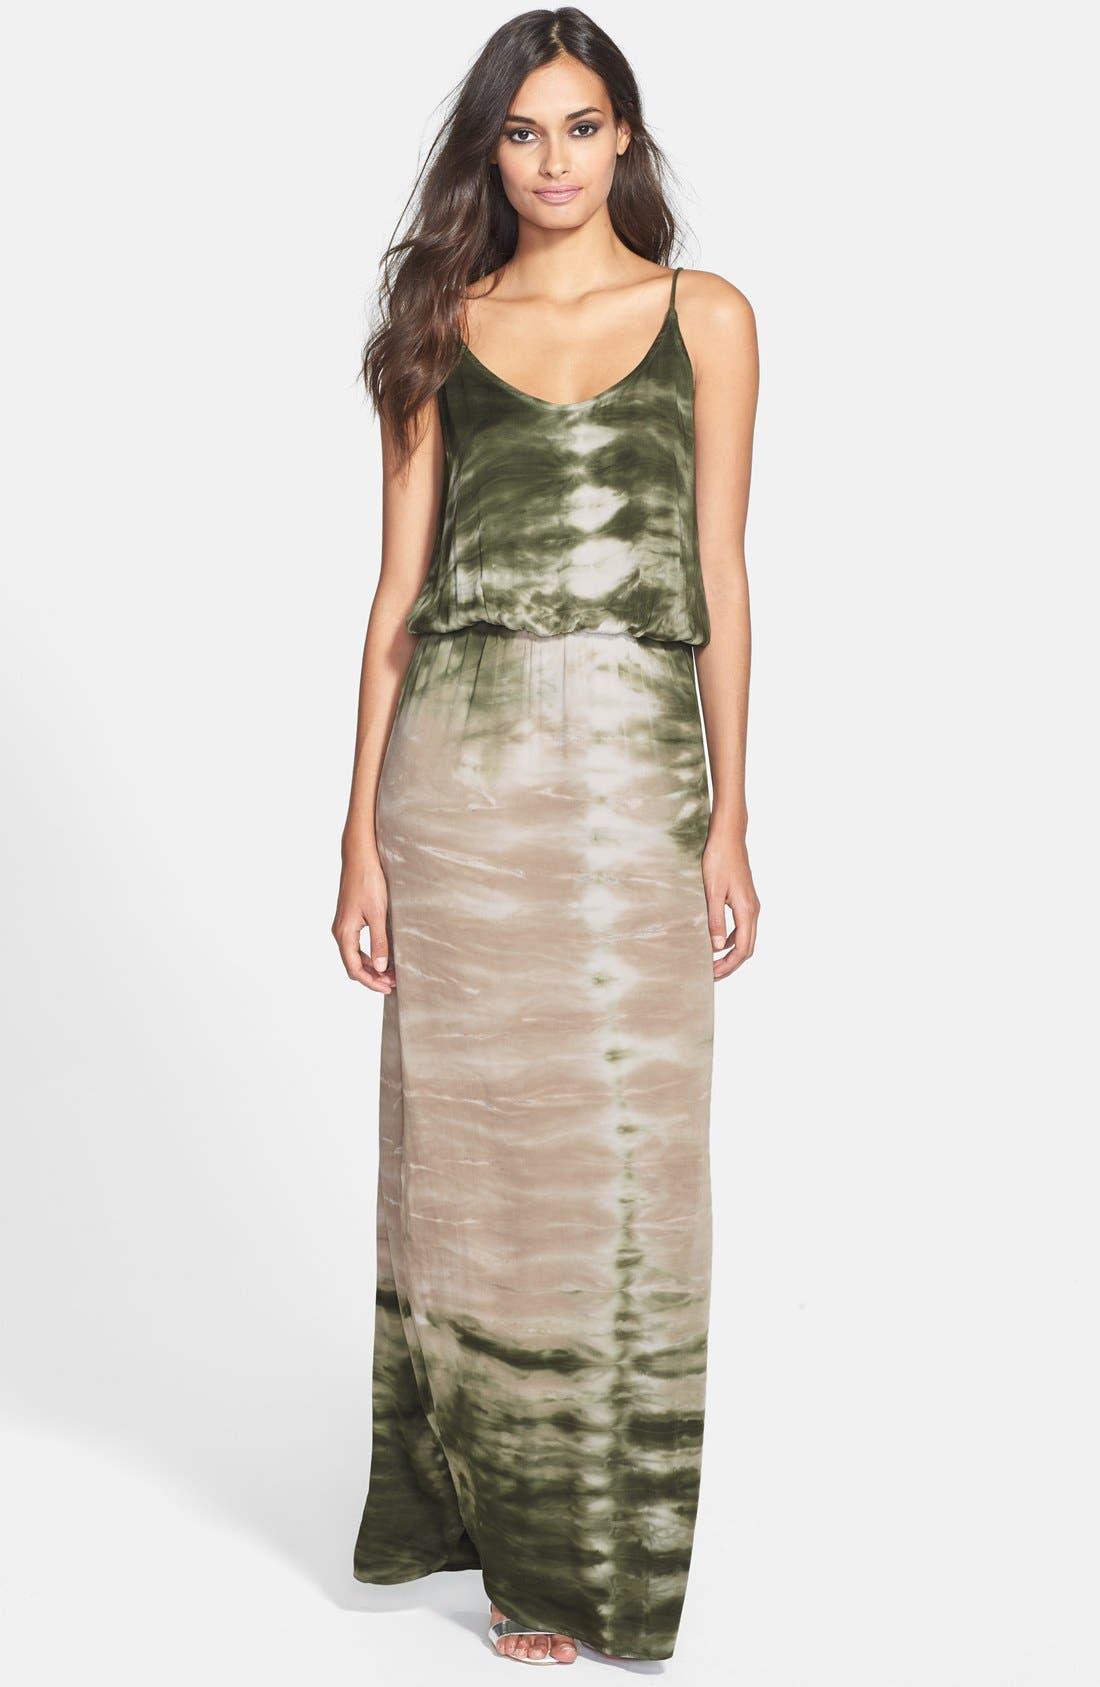 Main Image - Young, Fabulous & Broke 'Holland' Tie Dye Maxi Dress